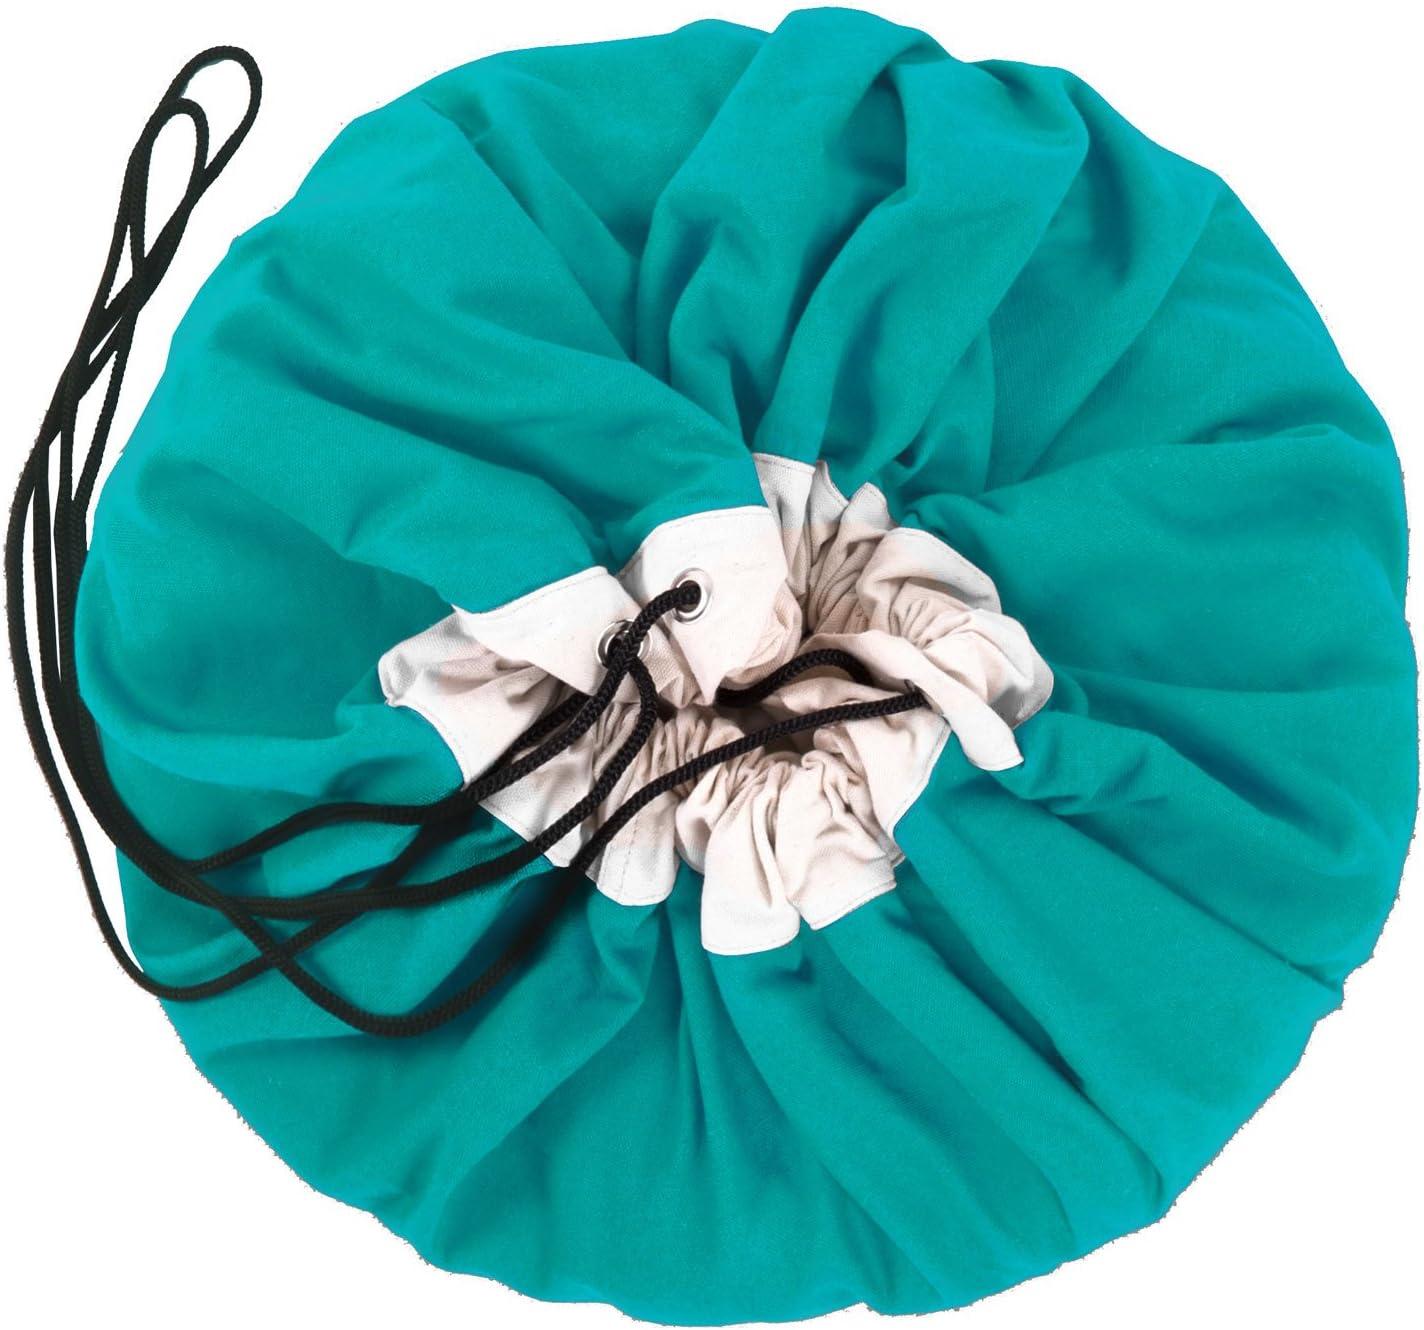 Diam/ètre 140 cm PlayGo Play/&Go/_5425038799545 Sac de Rangement Play/&Go Taille Unique Color-Turquoise Turquoise